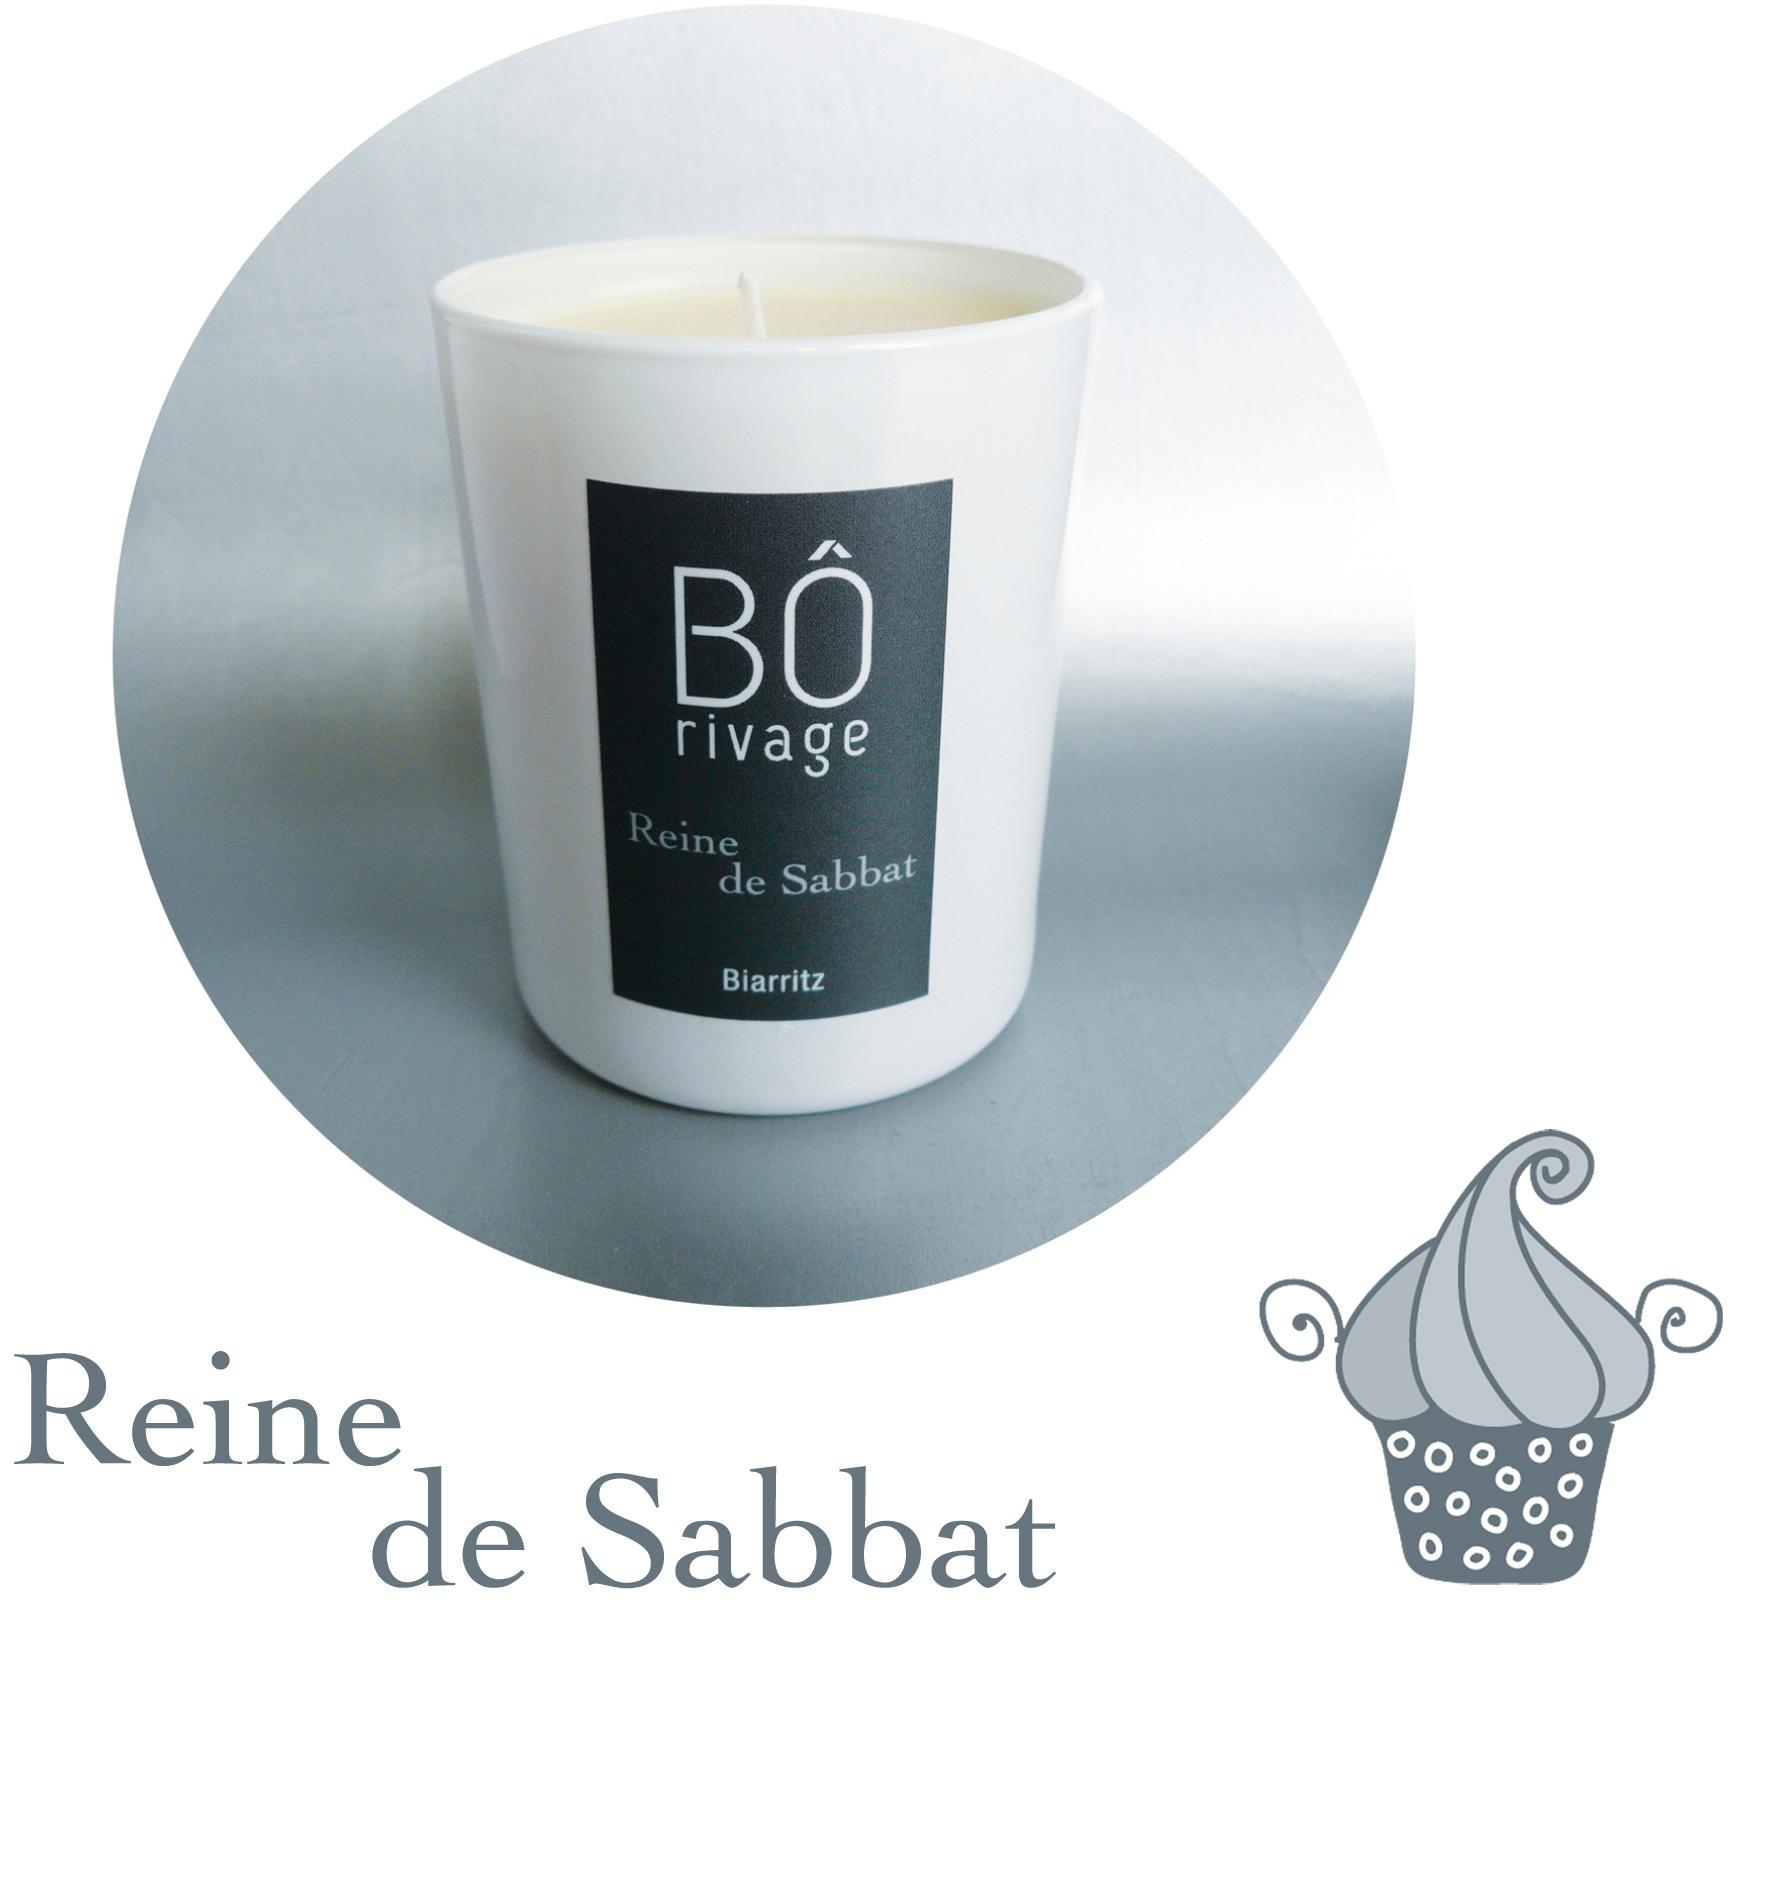 Bougie Reine de Sabbat